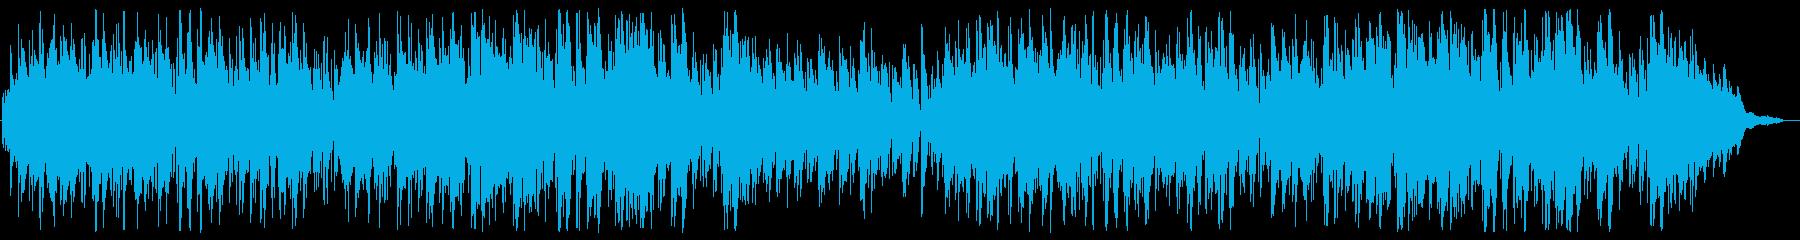 リラックスできるジャズボサノバの再生済みの波形